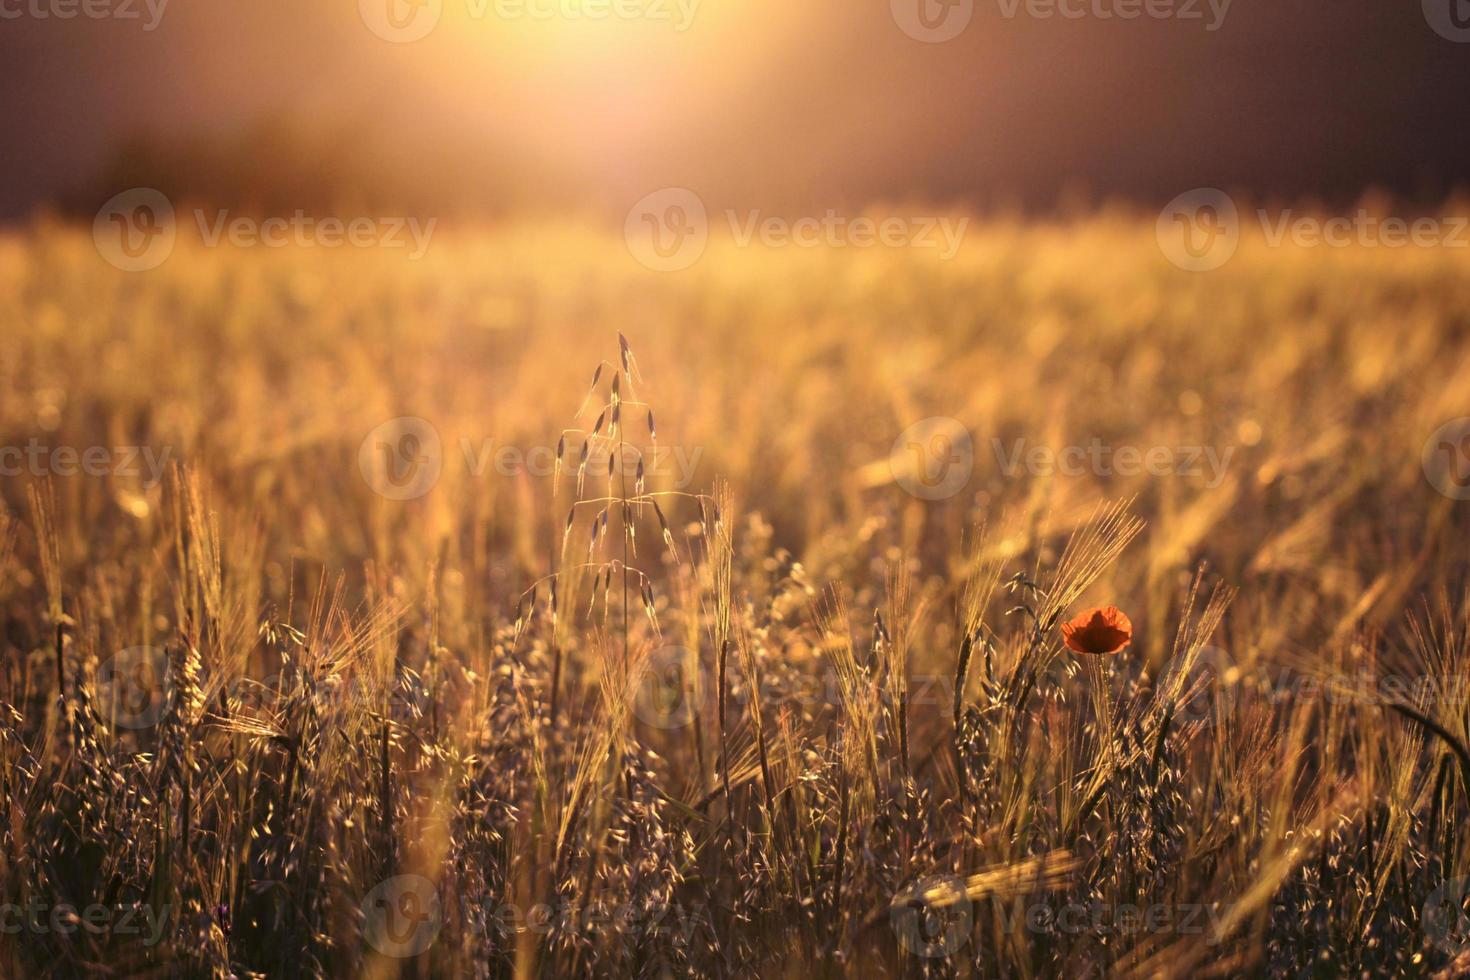 Beautiful sunset over wheat field photo